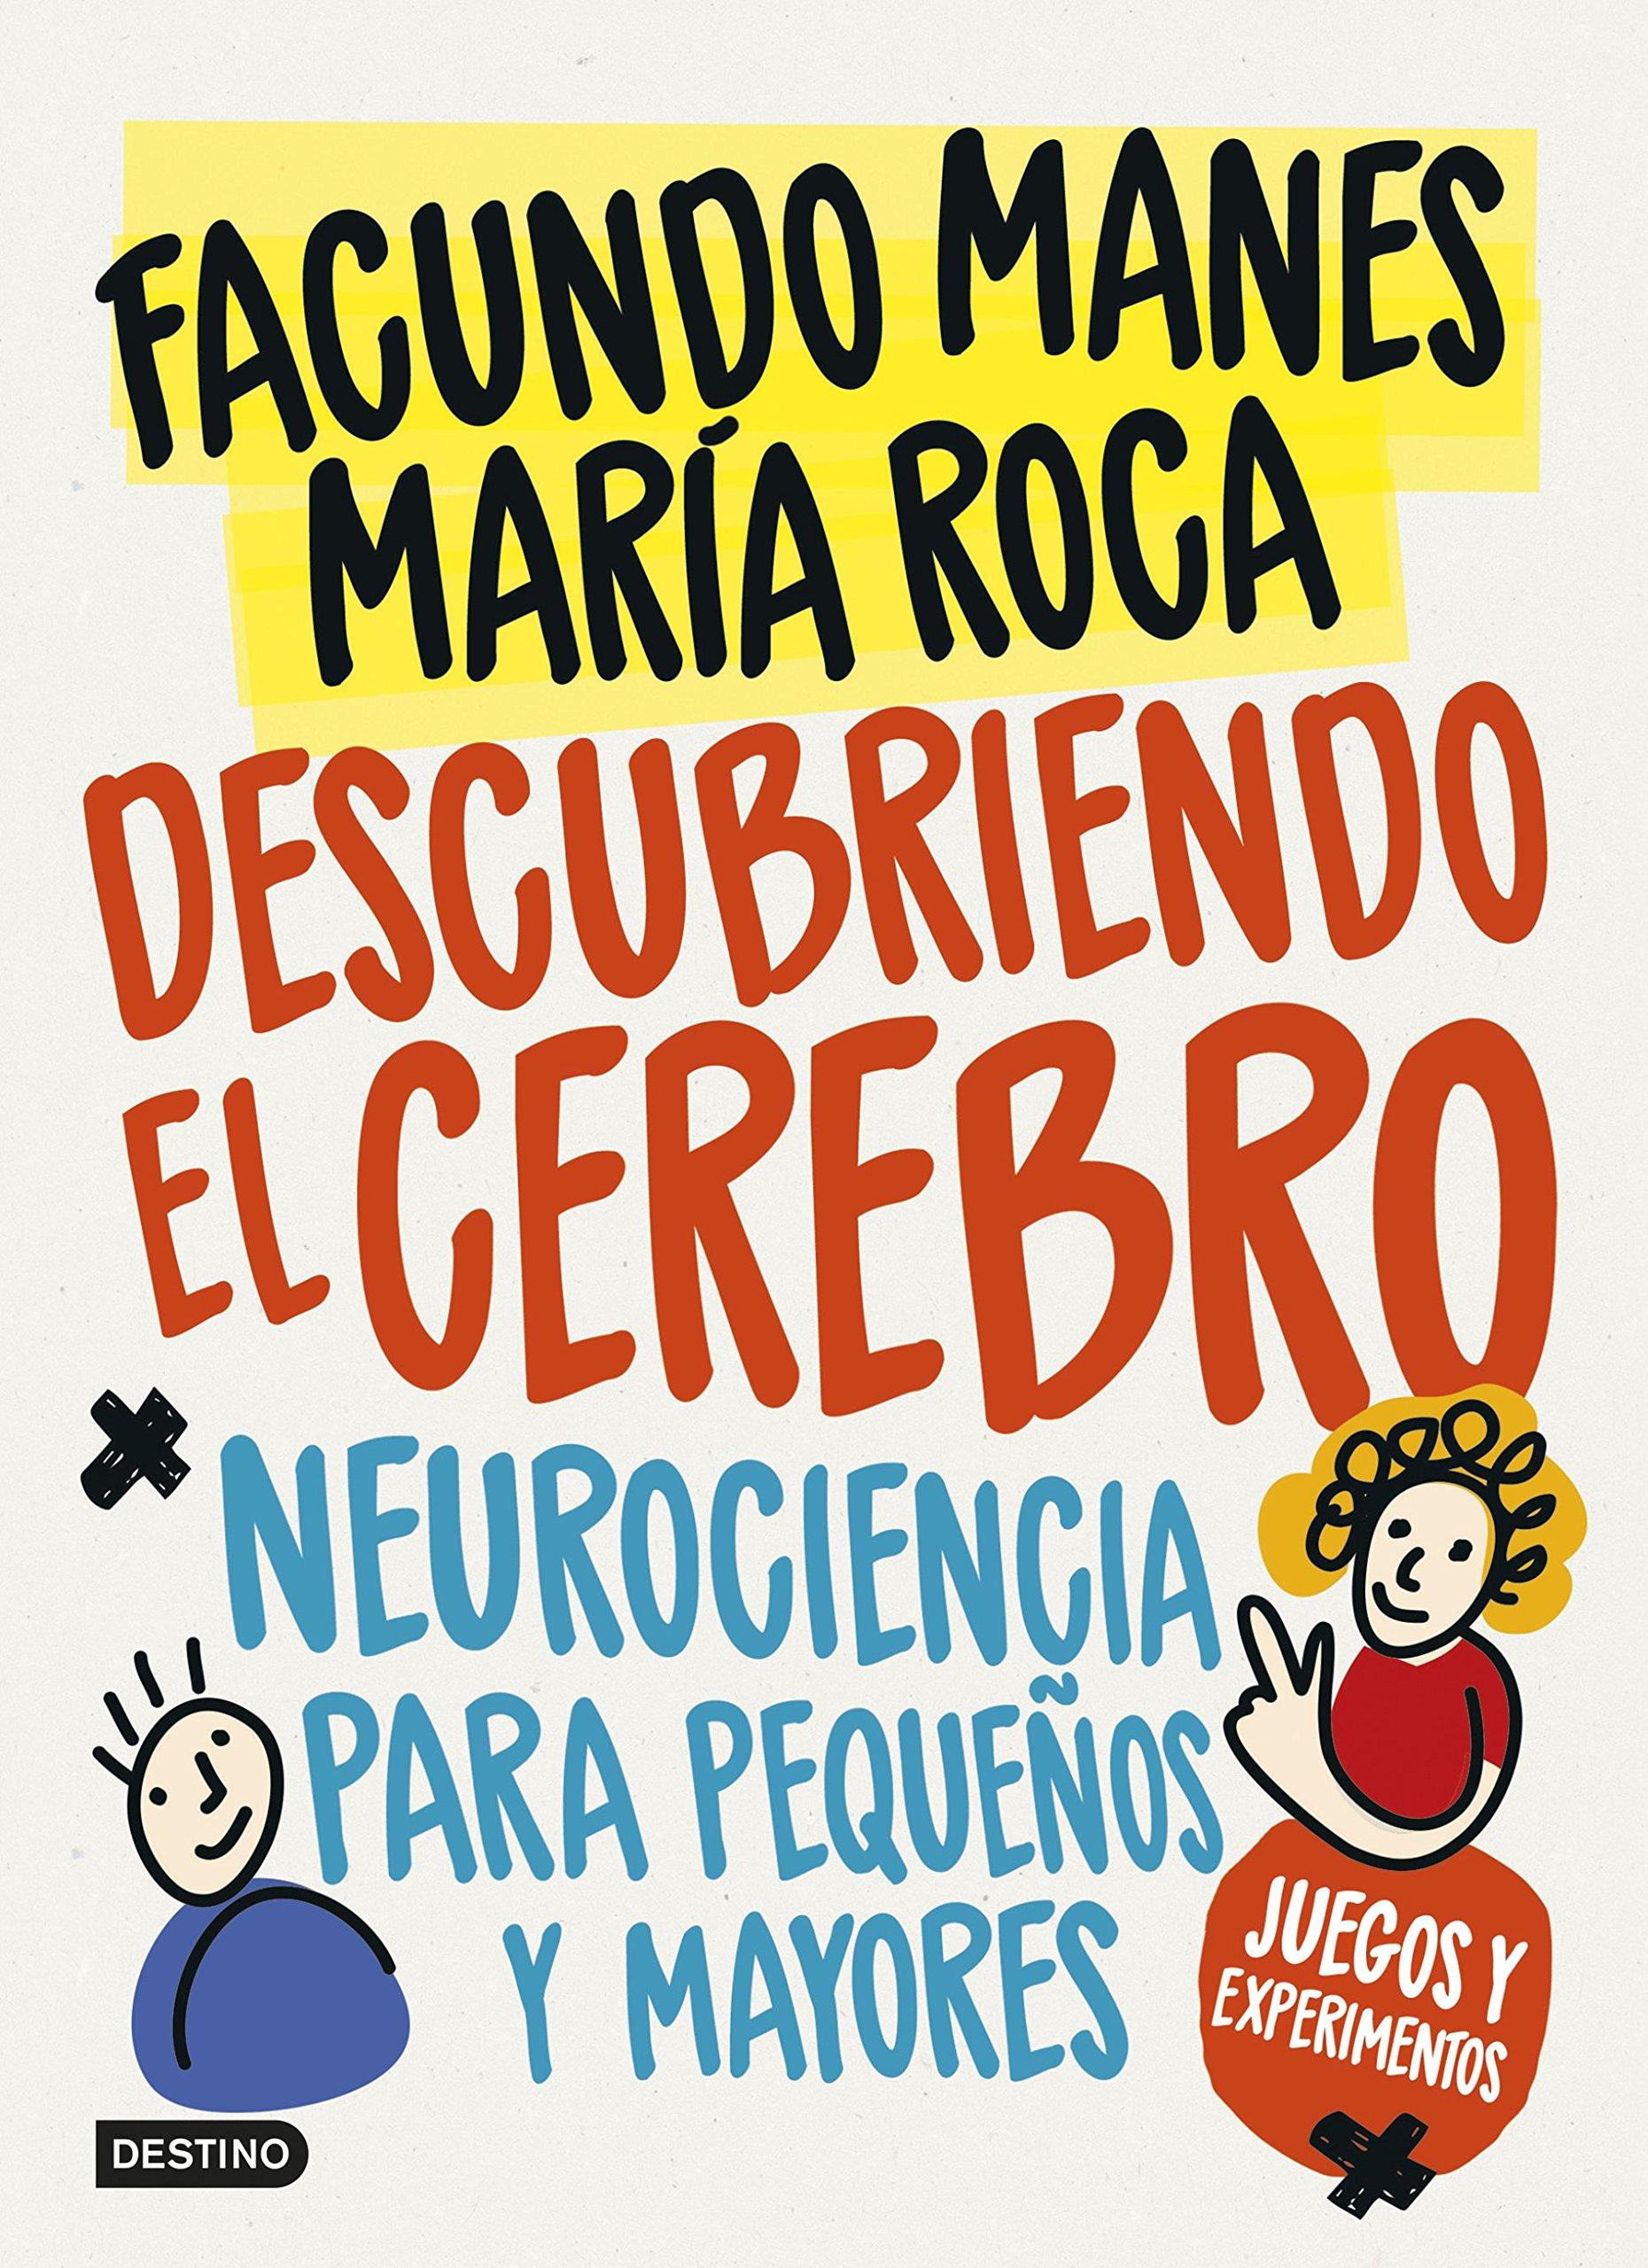 Descubriendo el cerebro: Neurociencia para pequeños y mayores Libro de actividades: Amazon.es: Manes, Facundo: Libros